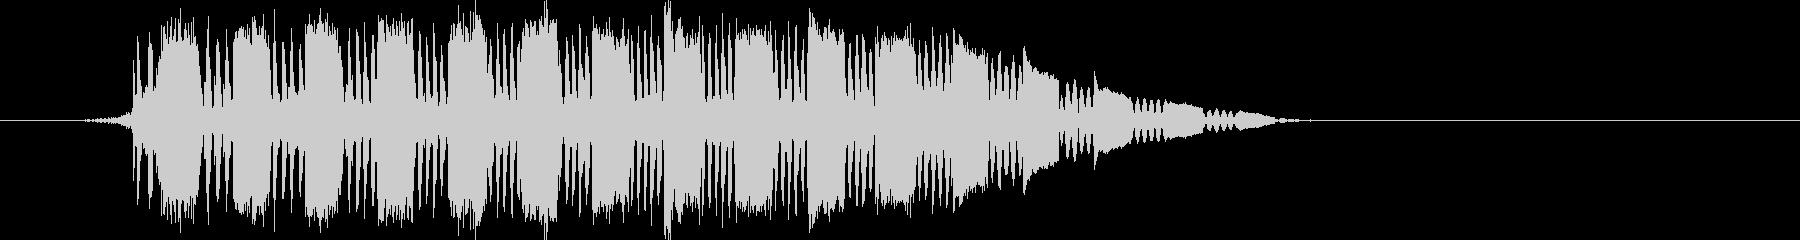 AMGアナログFX 38の未再生の波形